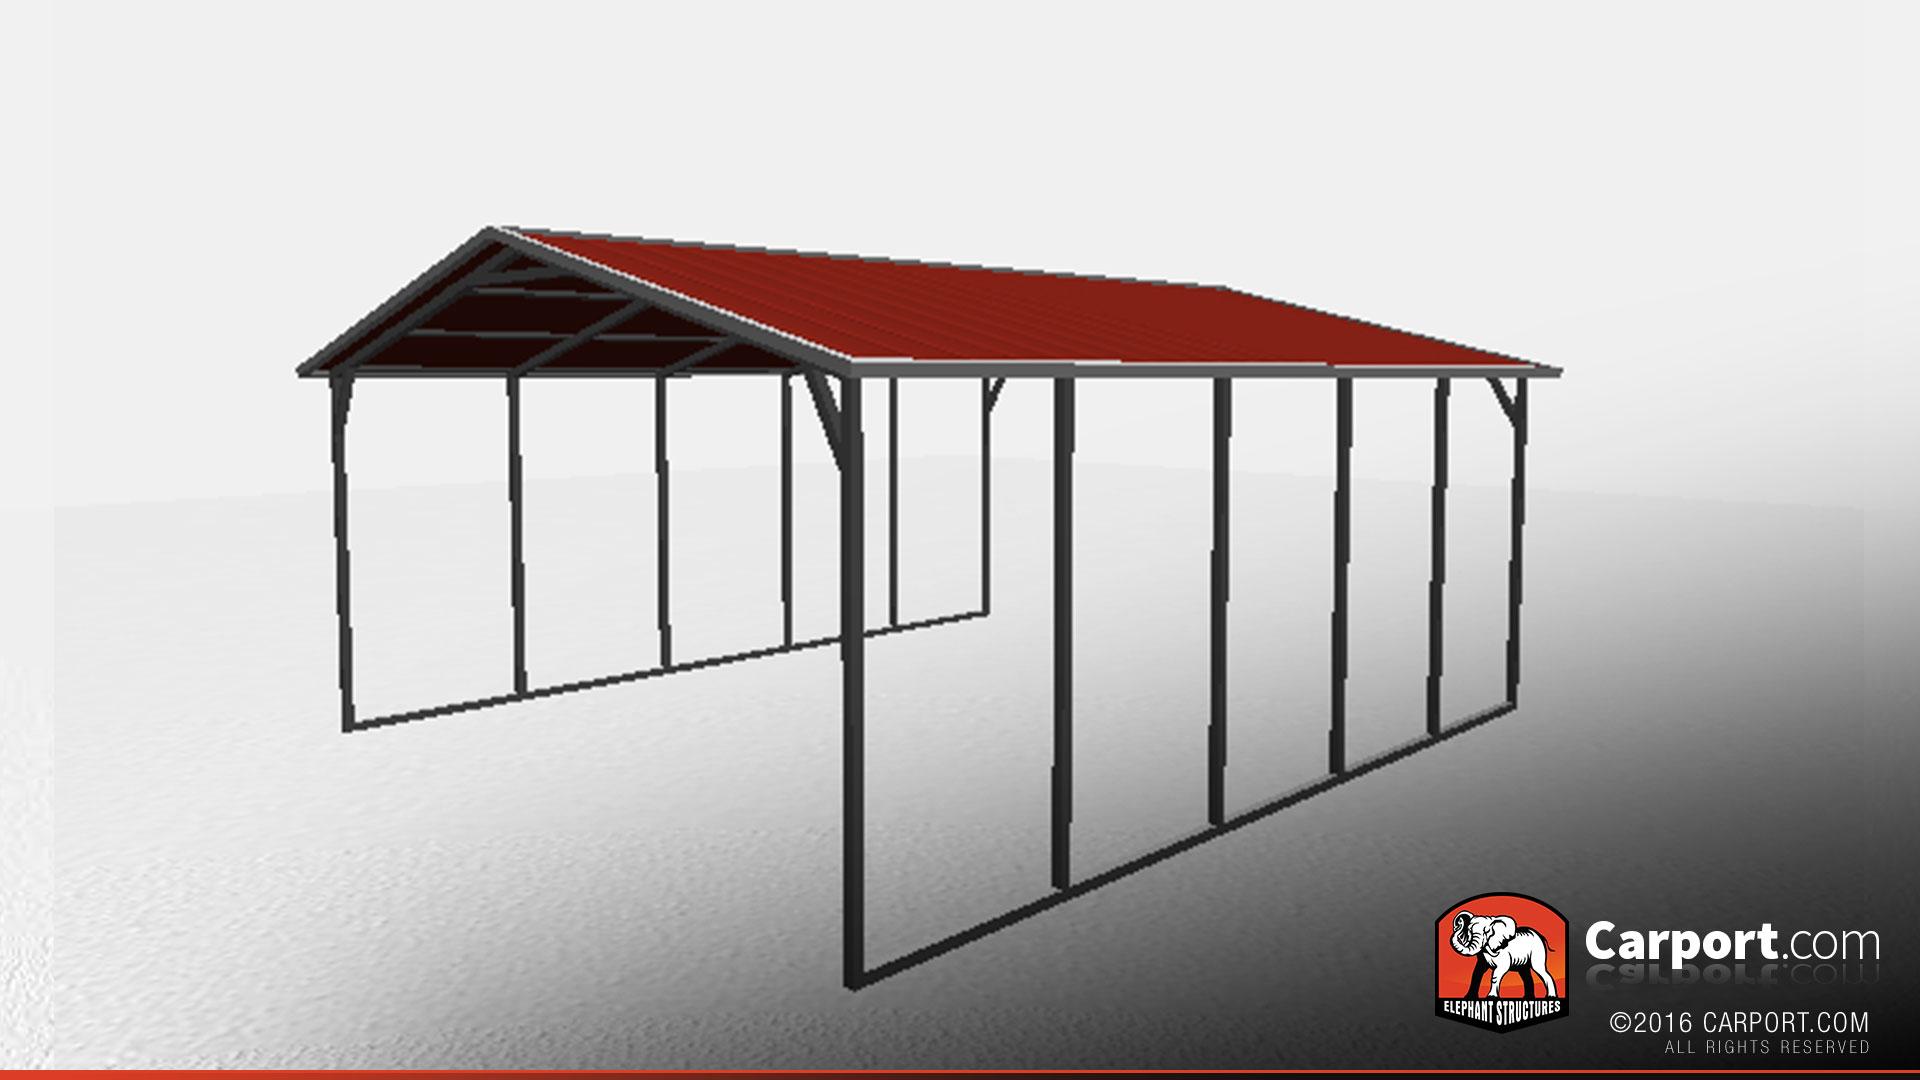 18 X 21 X 6 Sturdy Vertical Roof Metal Carport Metal Carports